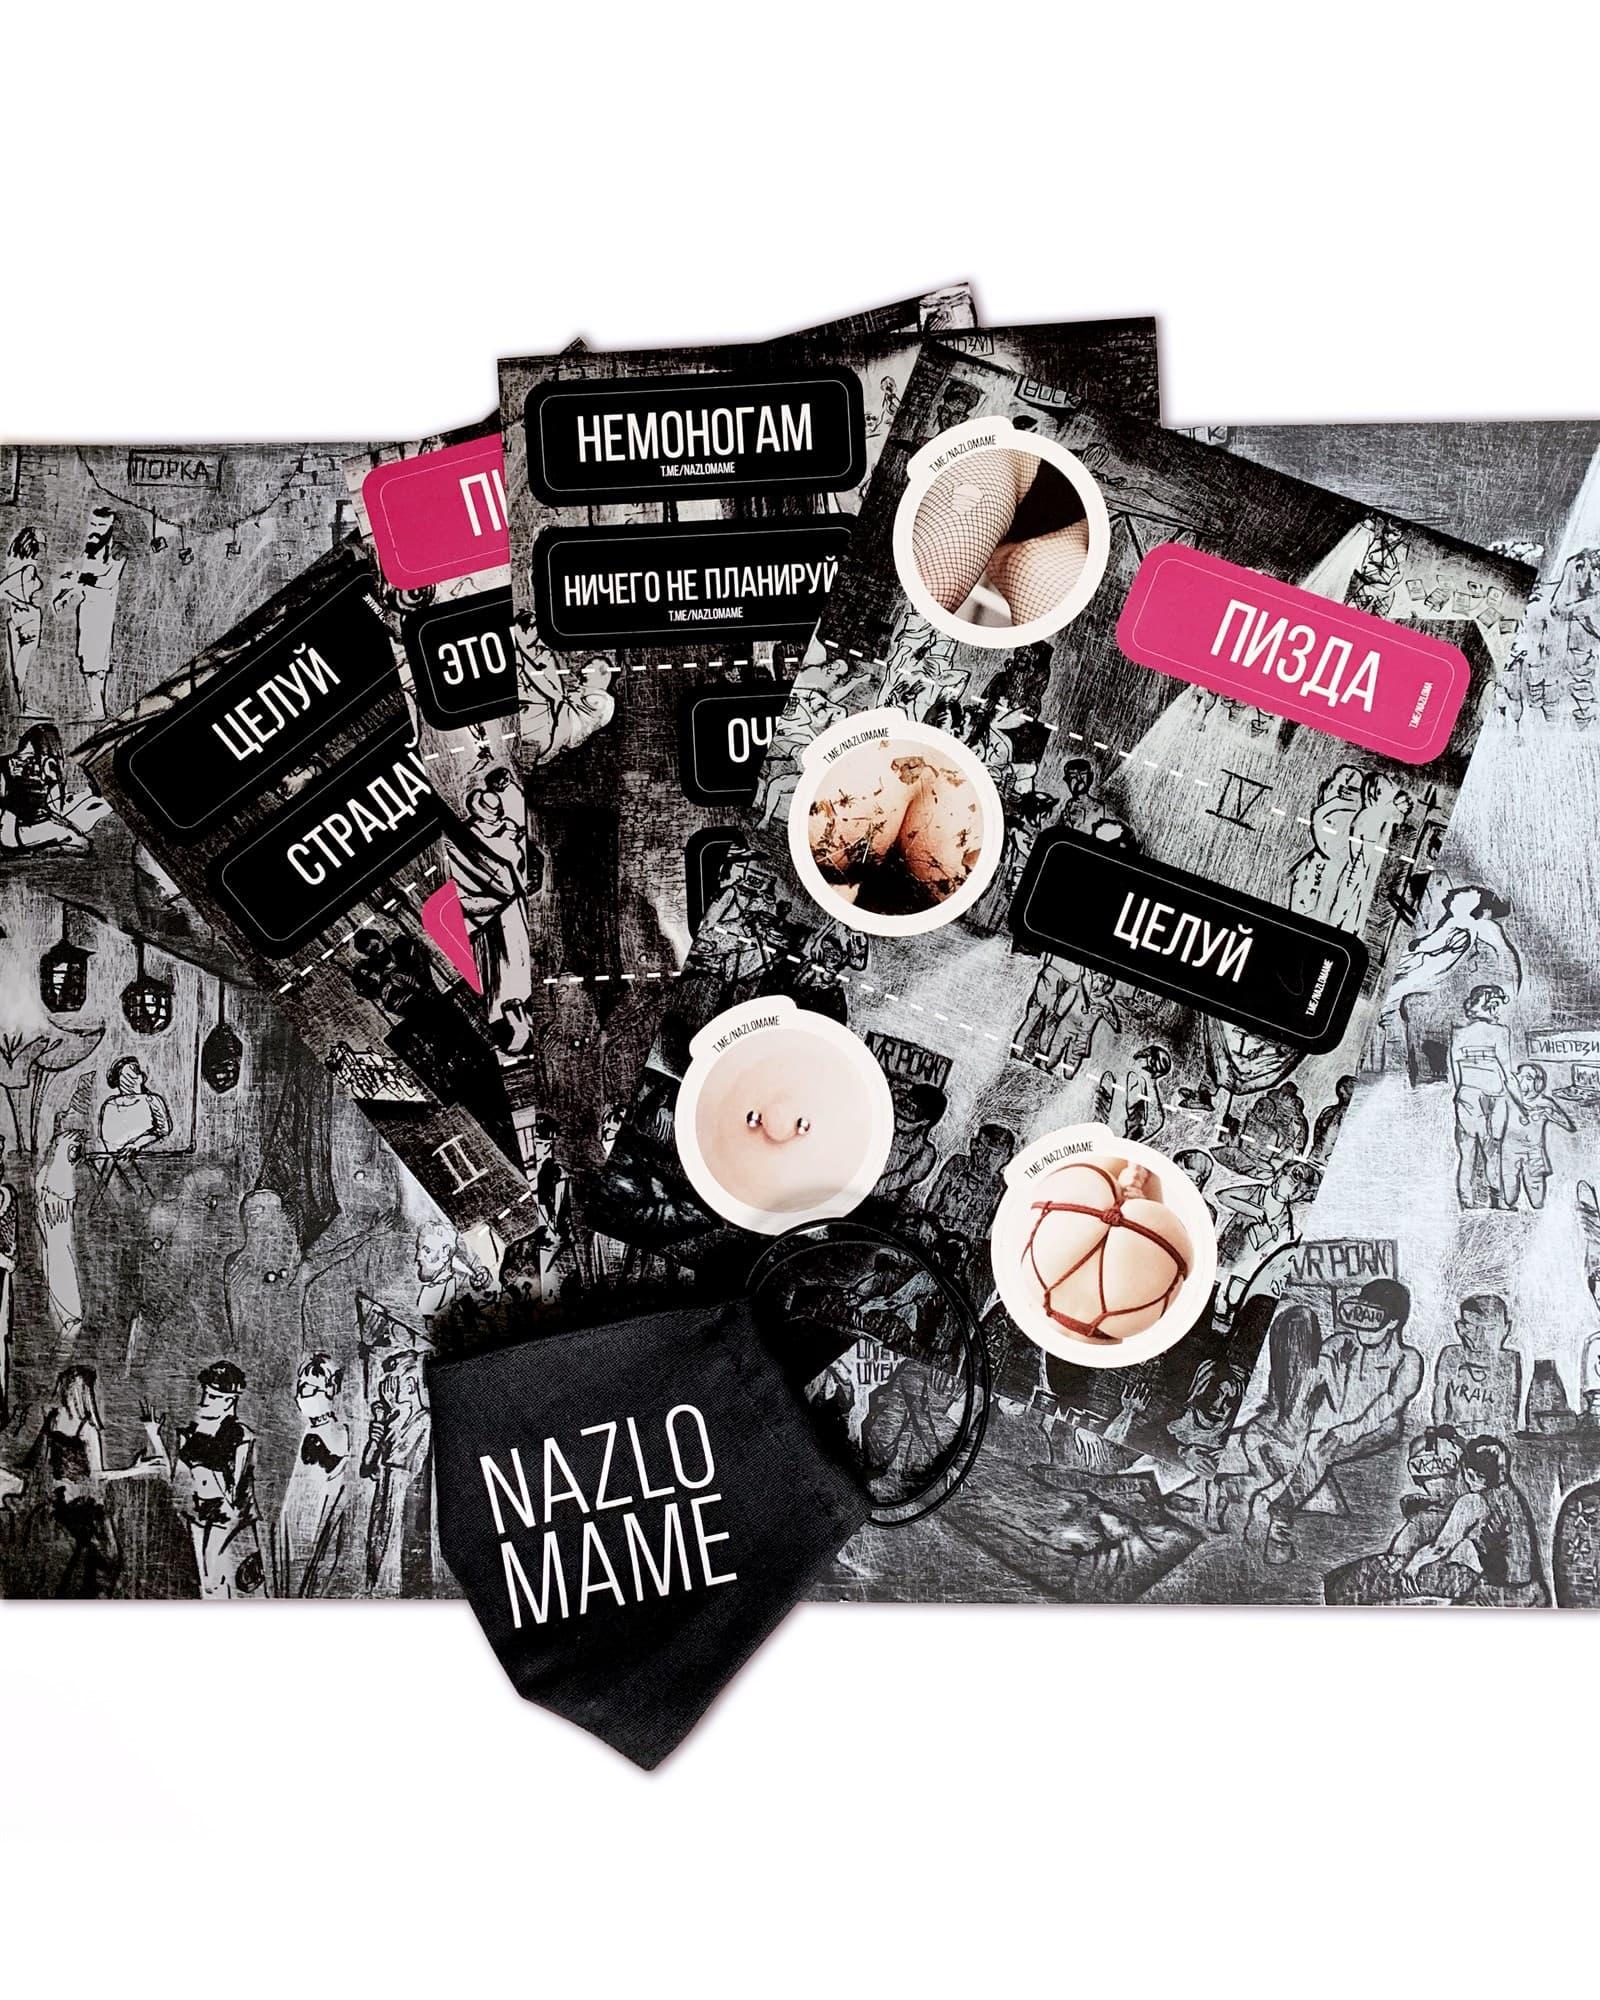 Постер NAZLO MAME - фото 18099